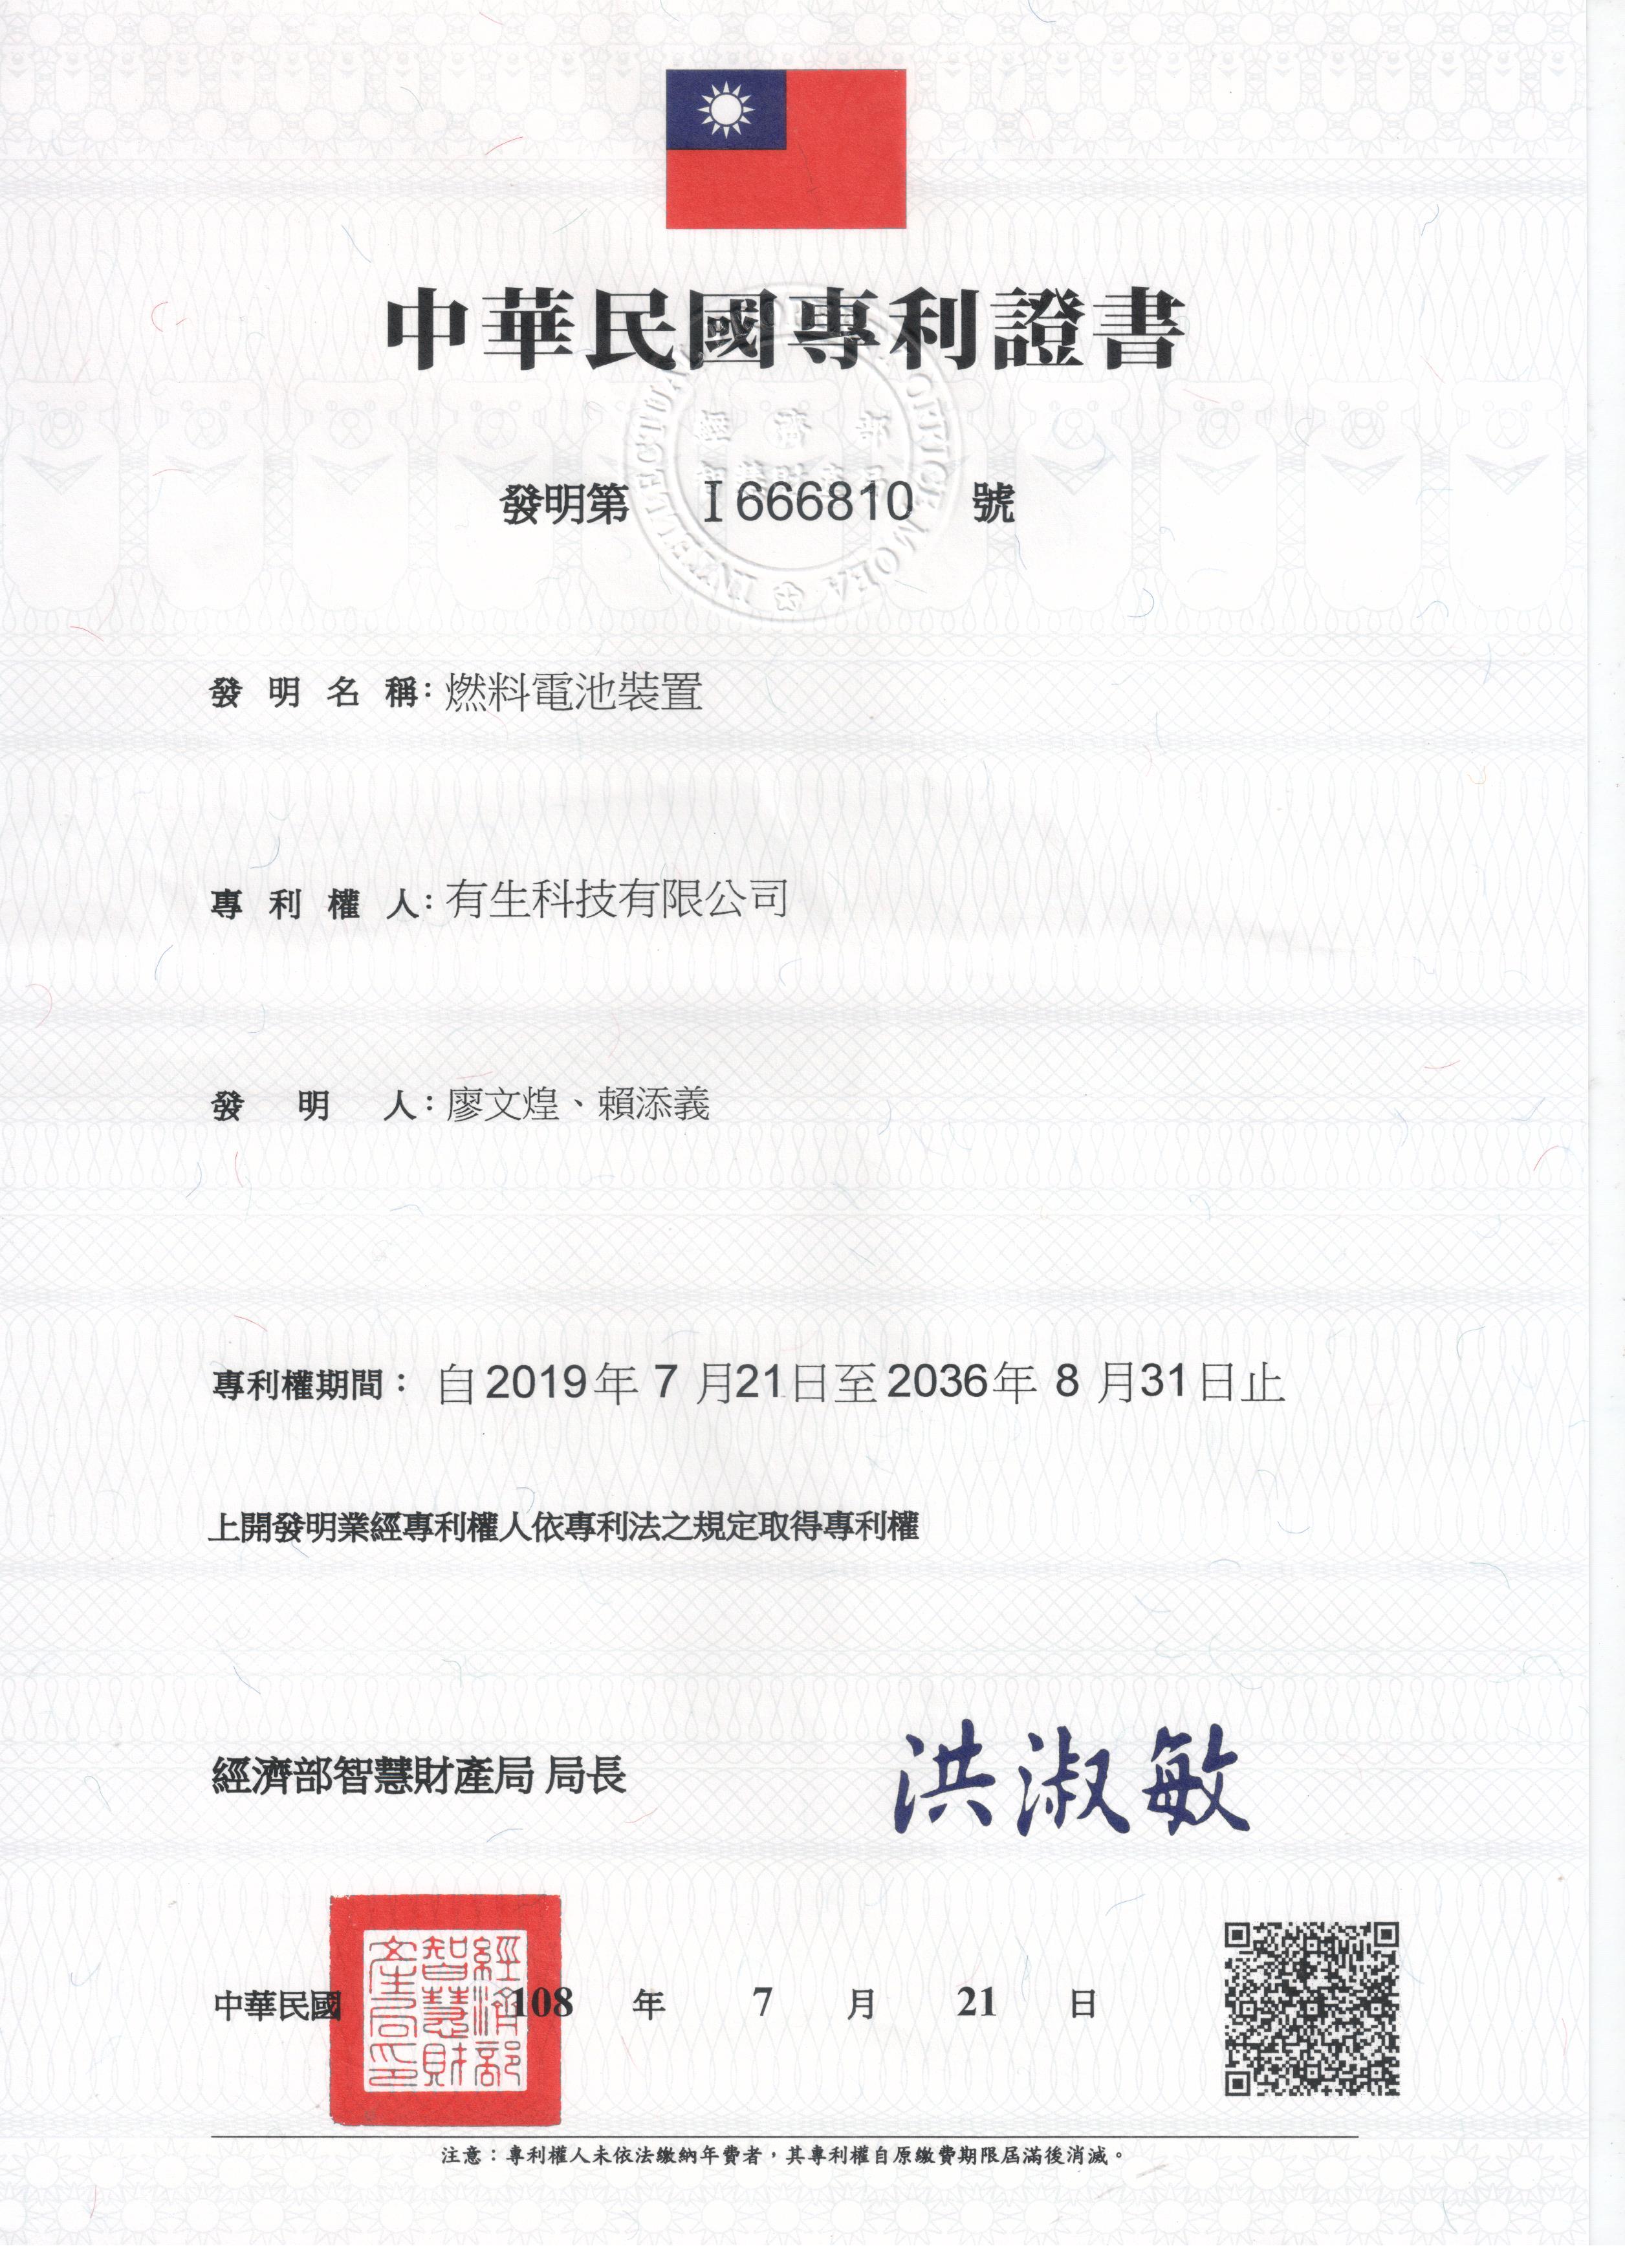 專利證書台灣I666810號燃料電池裝置